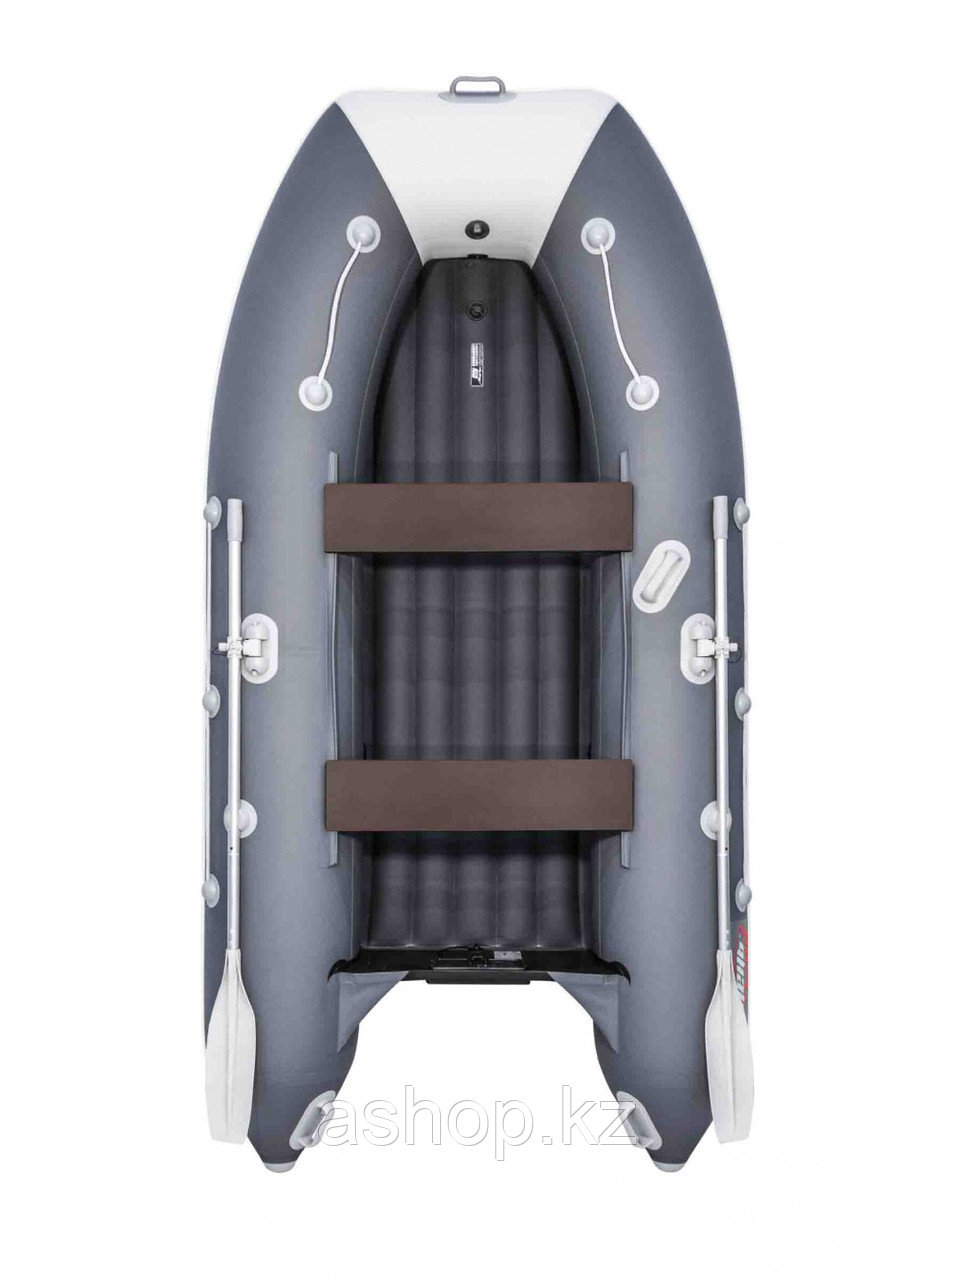 Лодка надувная моторно-гребная килевая Таймень 3200 НДНД, Грузоподъемность: 550кг, Вместимость: 3 чел., Кол-во